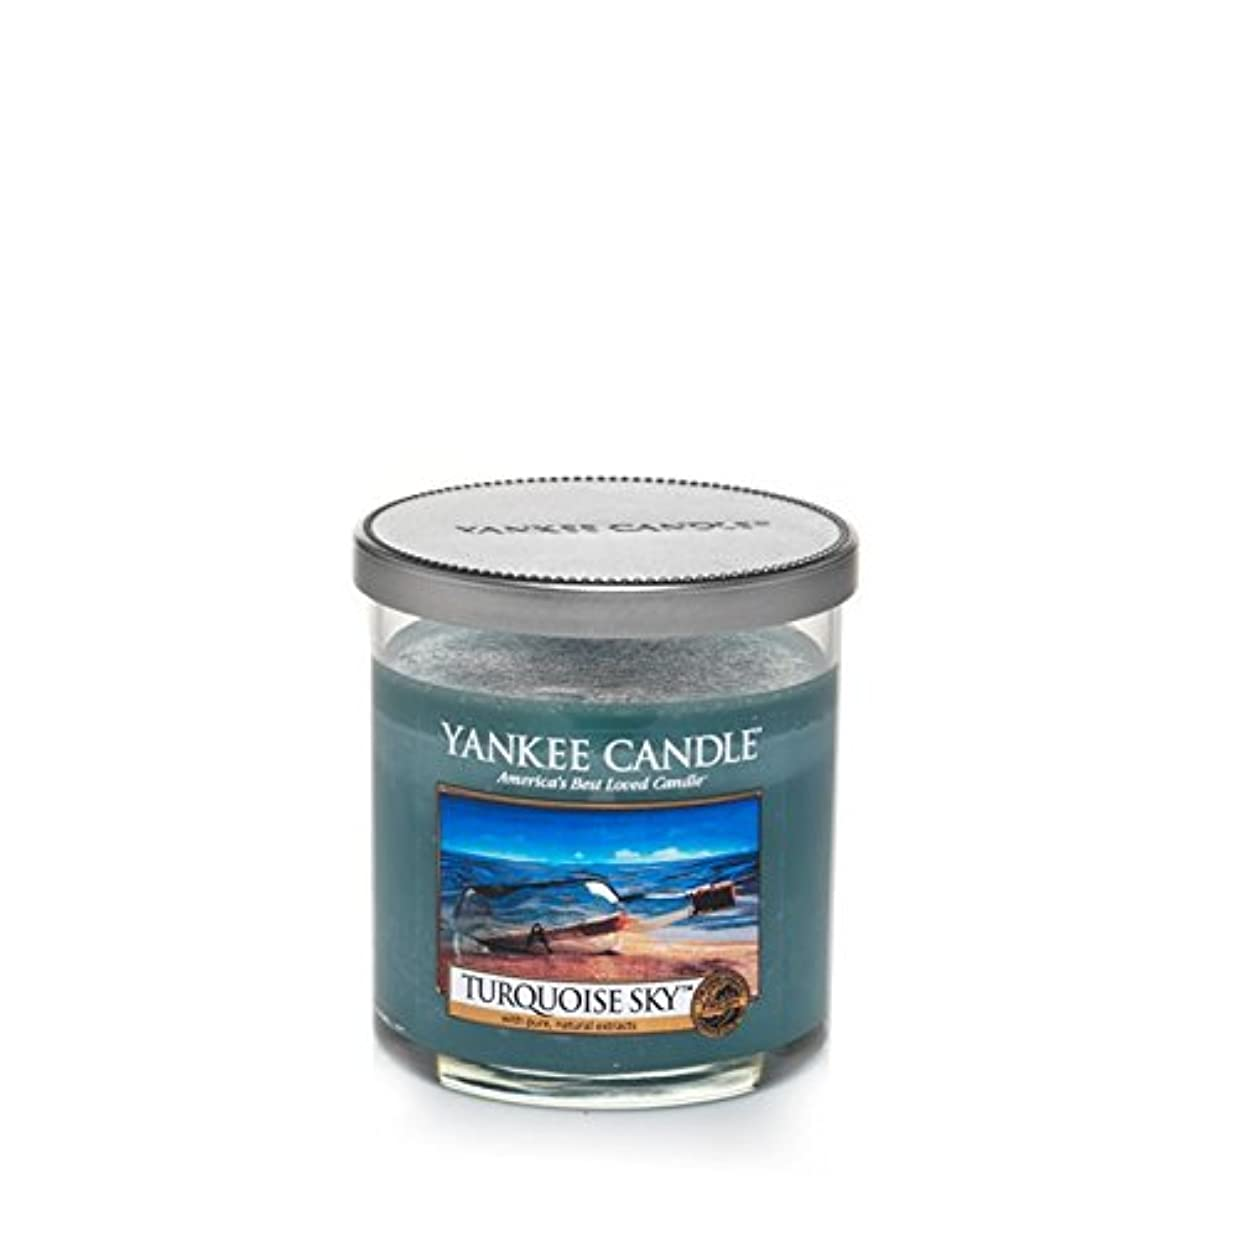 分布ロイヤリティ早くヤンキーキャンドルの小さな柱キャンドル - ターコイズの空 - Yankee Candles Small Pillar Candle - Turquoise Sky (Yankee Candles) [並行輸入品]